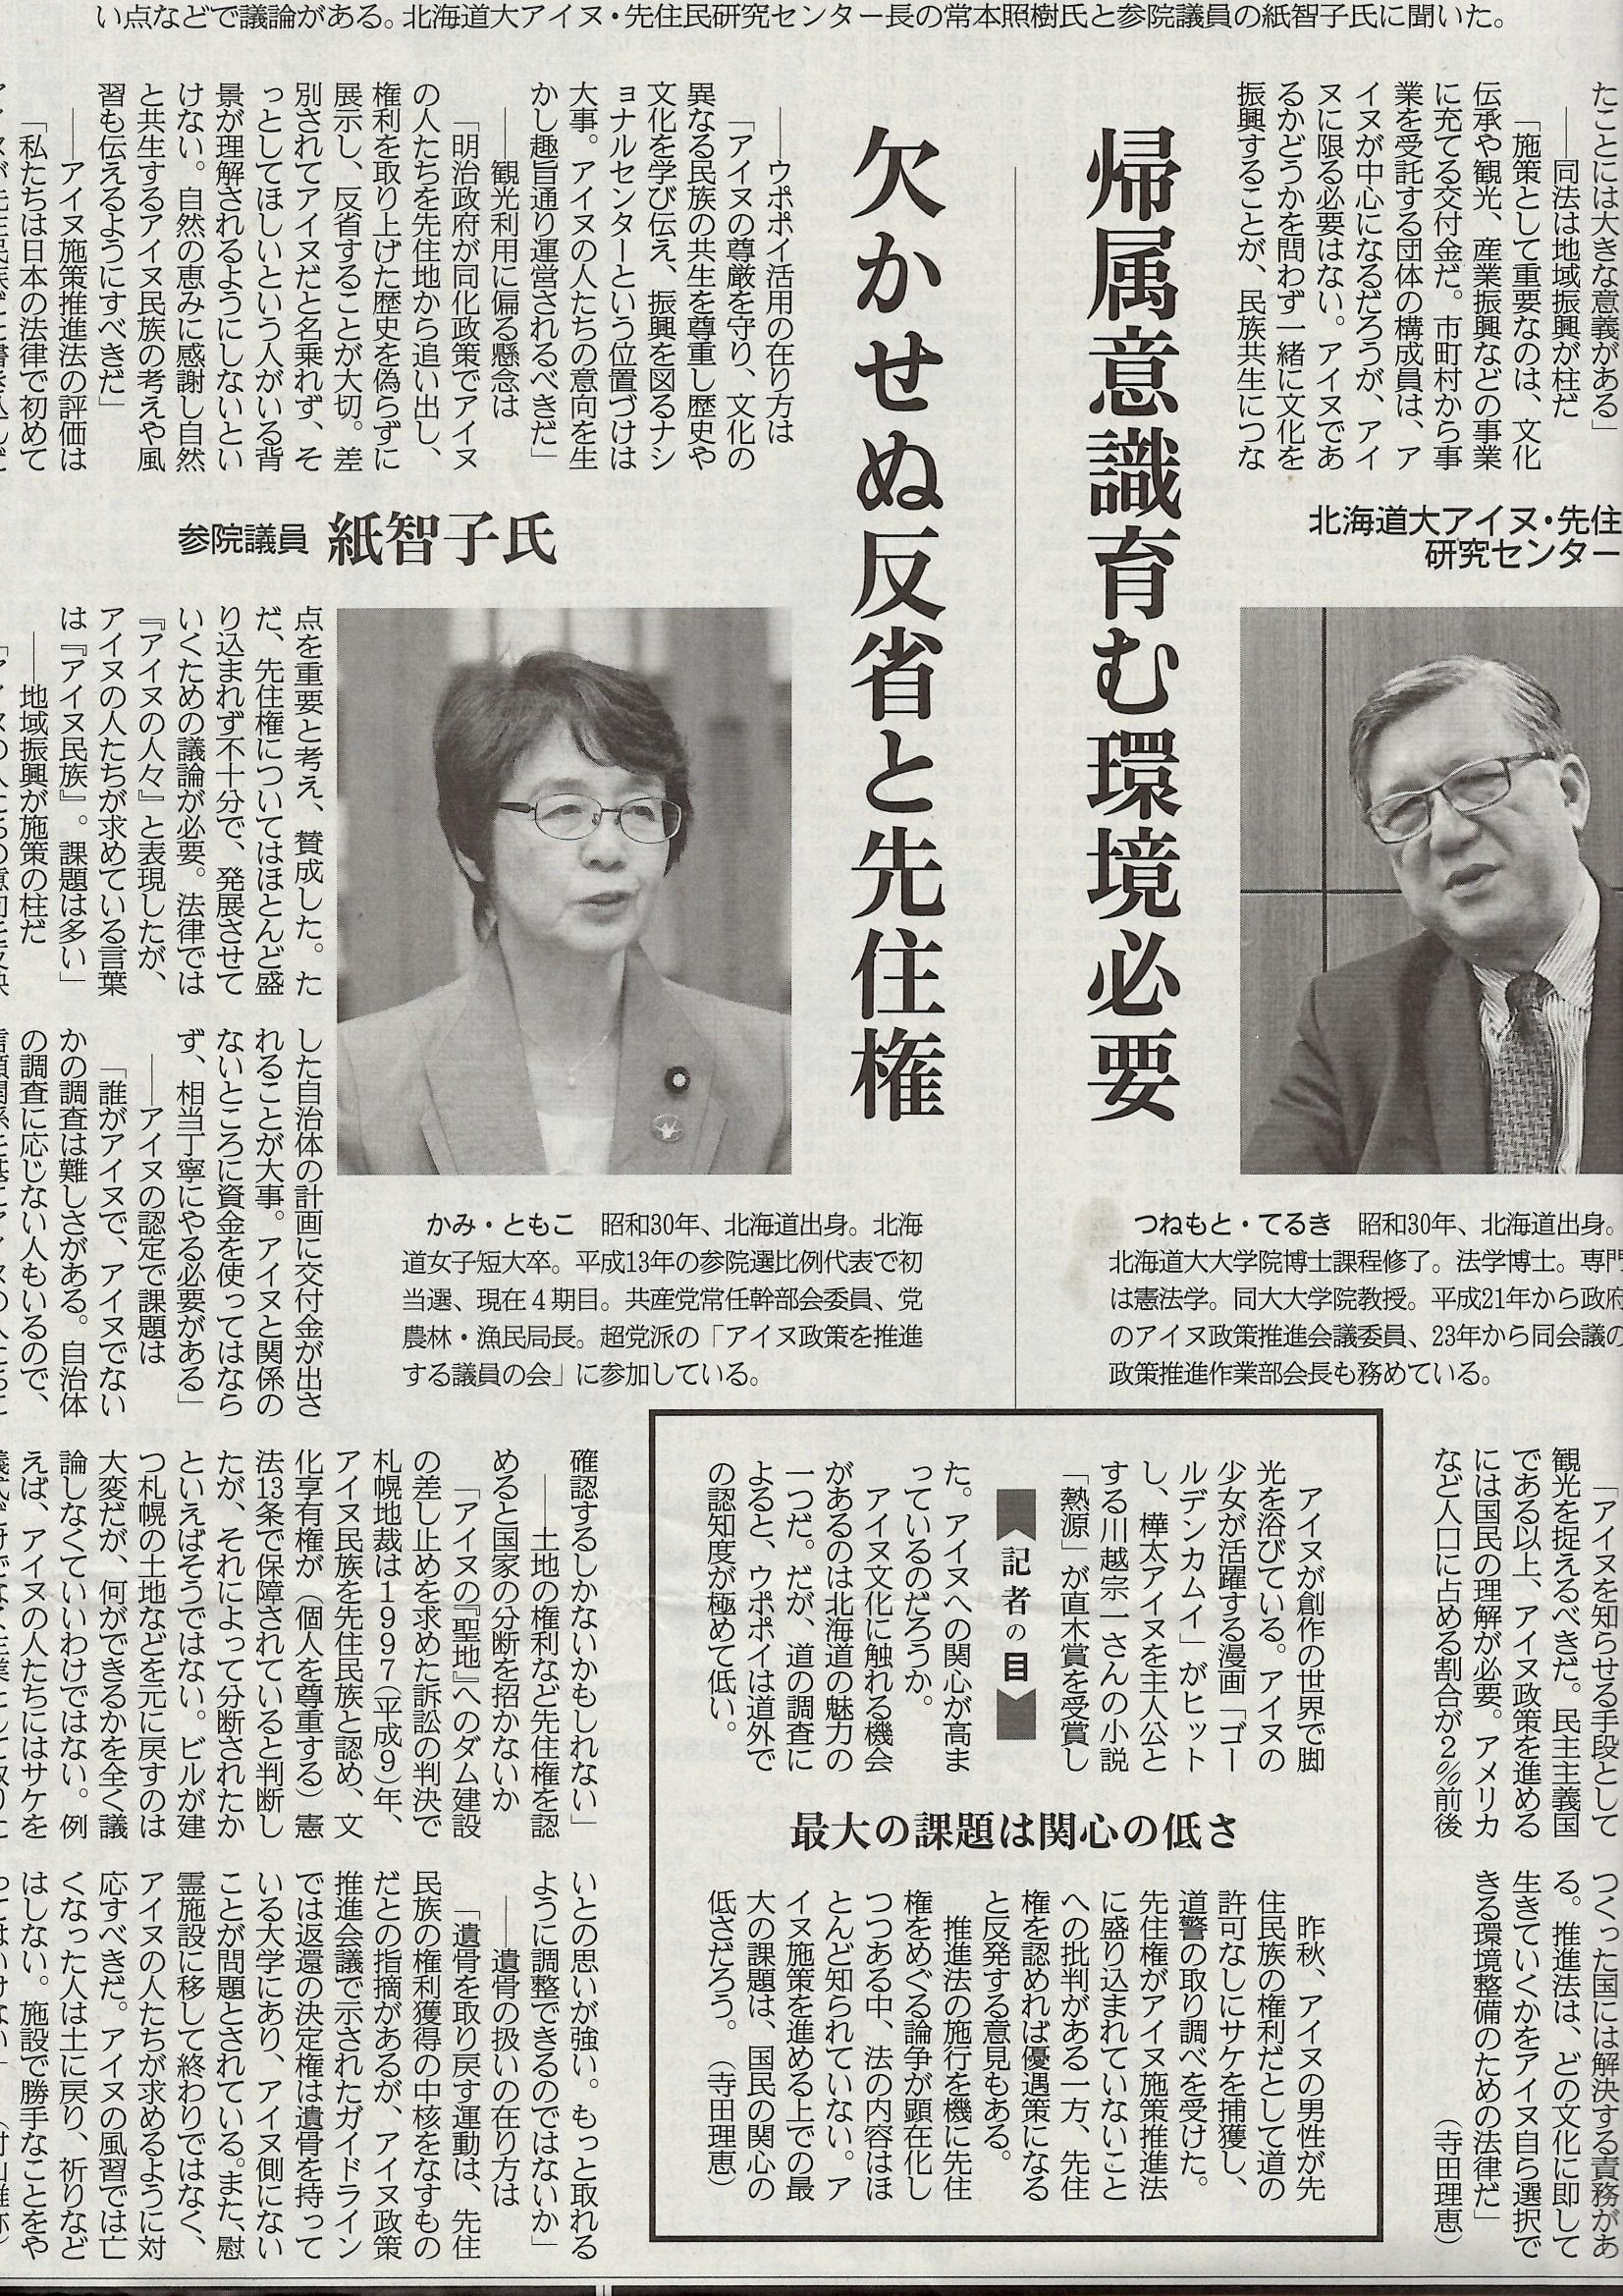 【日本の議論】アイヌ施策の在り方は? 「帰属意識育む環境を」「欠かせぬ反省と先住権」20200222 3